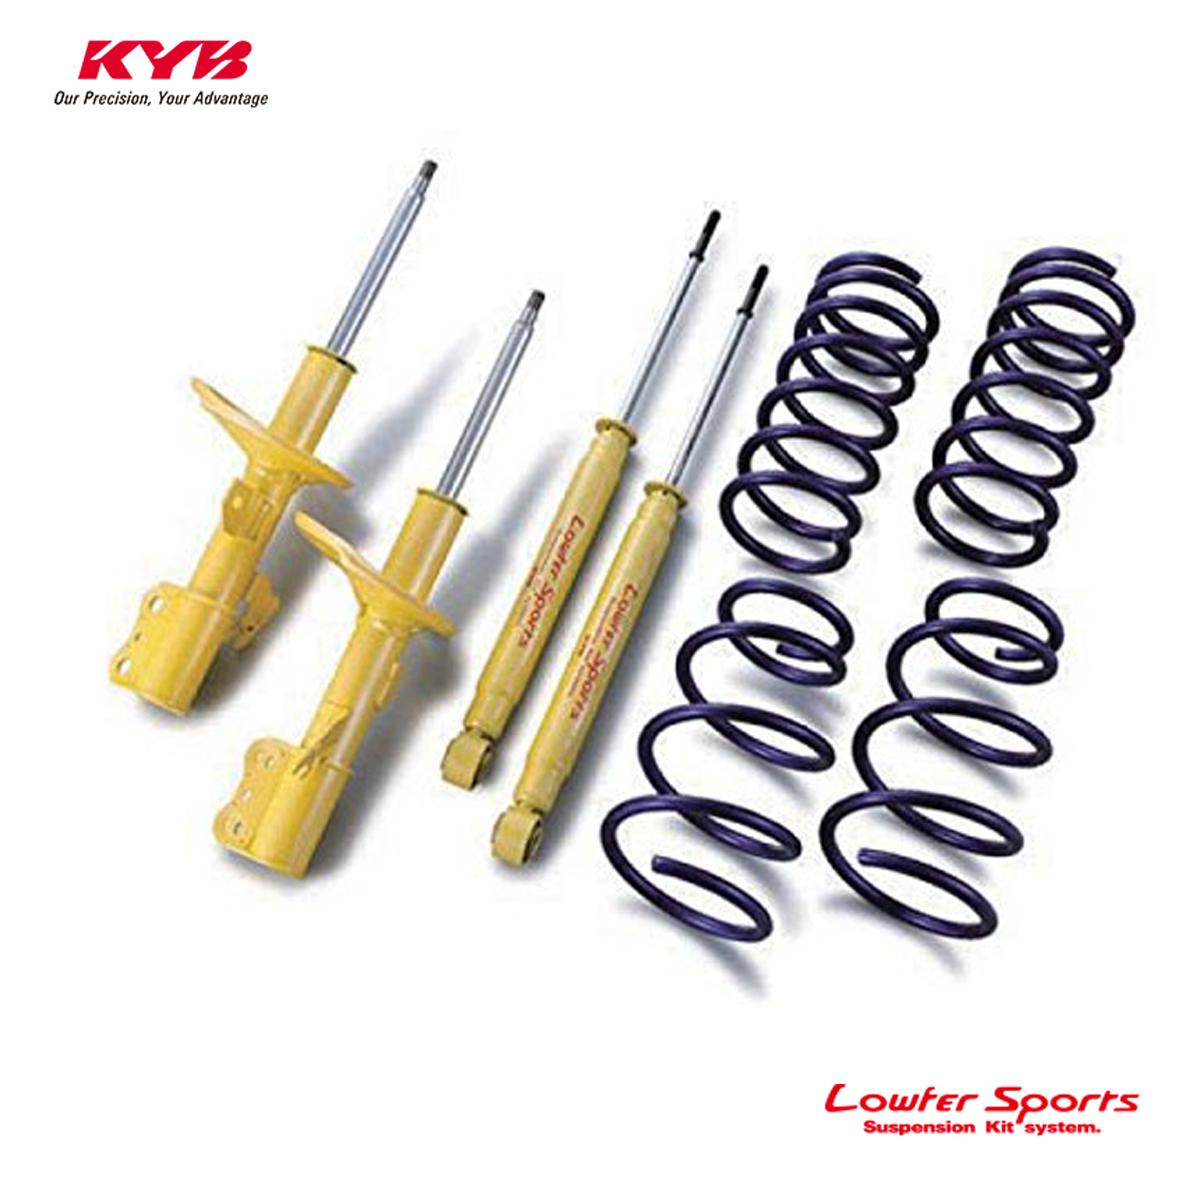 KYB カヤバ MPV LW5W ショックアブソーバー サスペンションキット Lowfer Sports LKIT-LW5W54 配送先条件有り